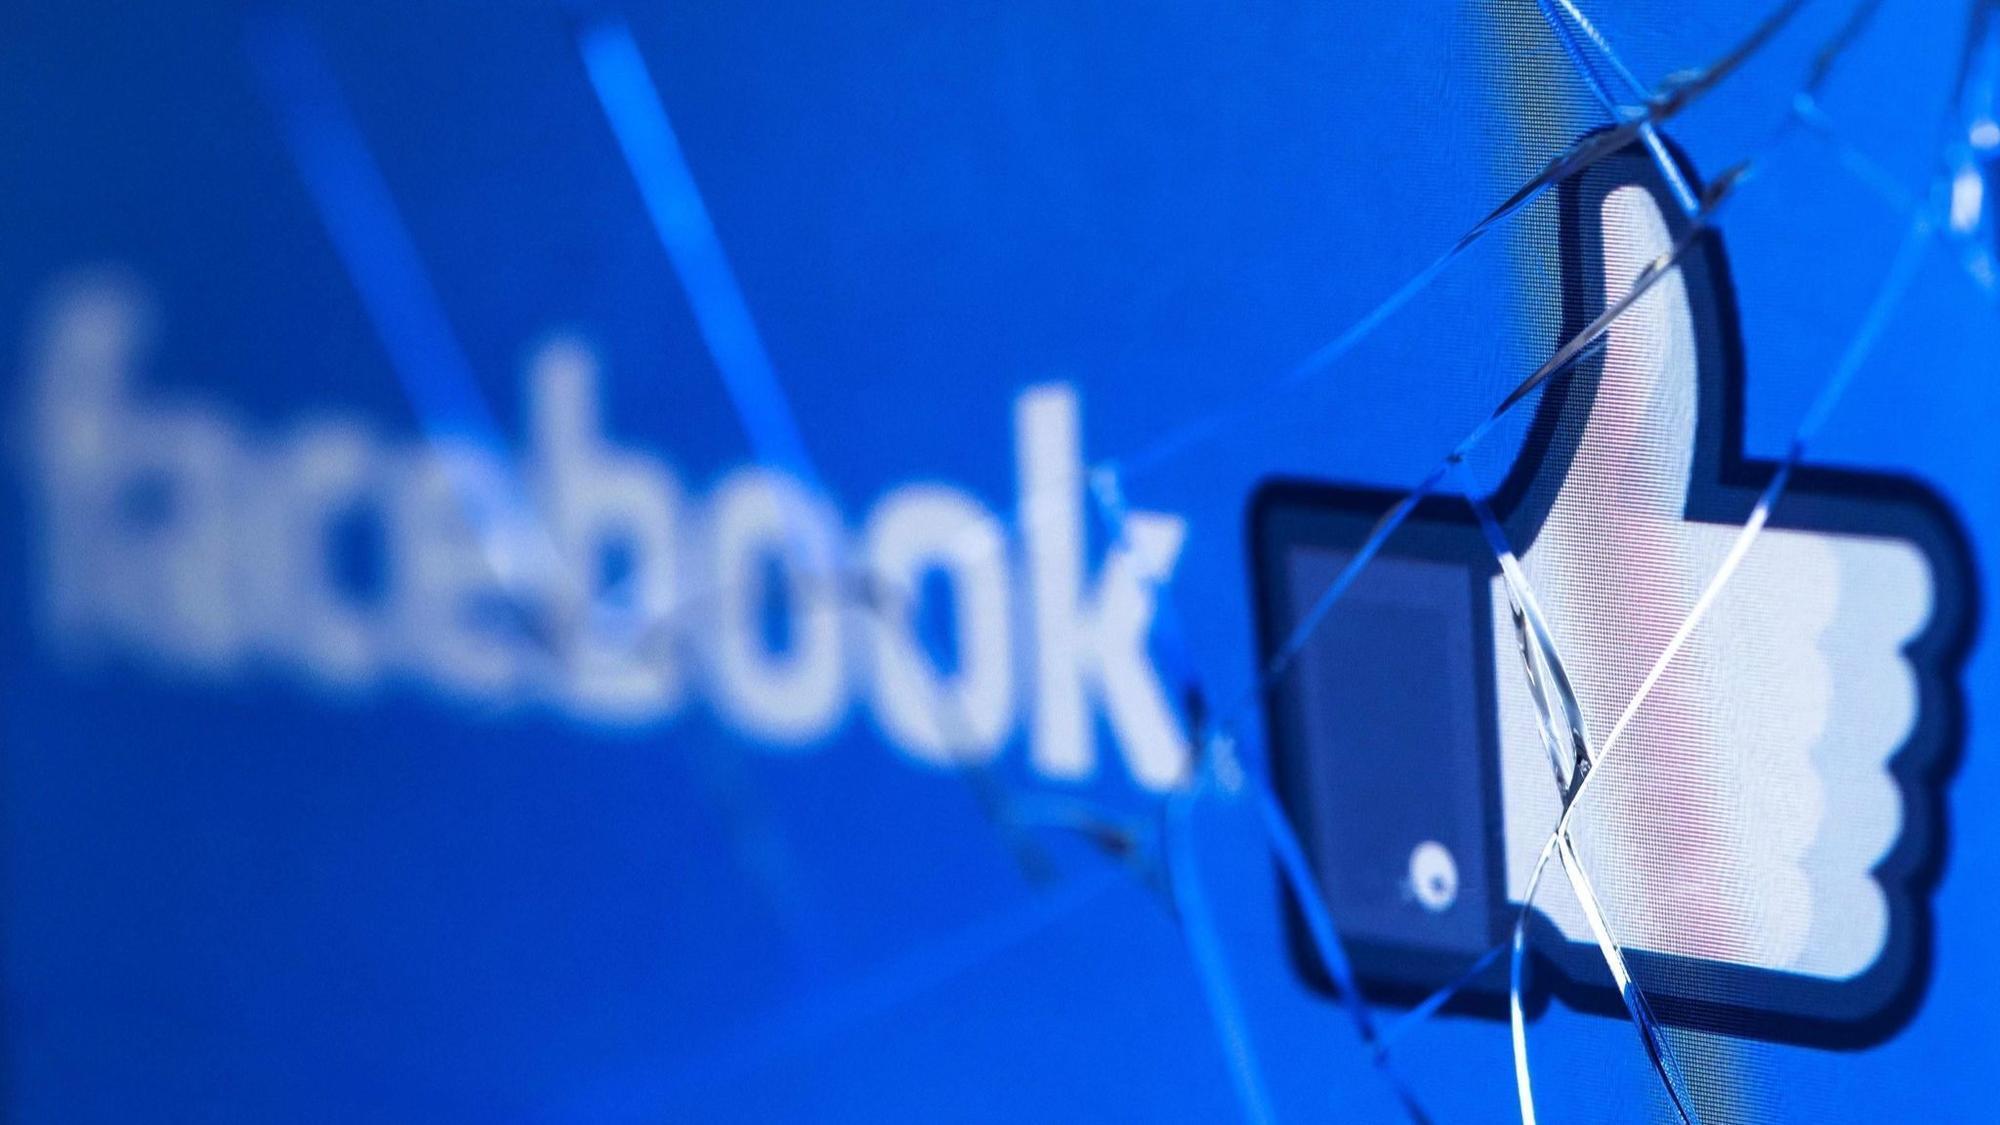 Resultado de imagen para facebook down